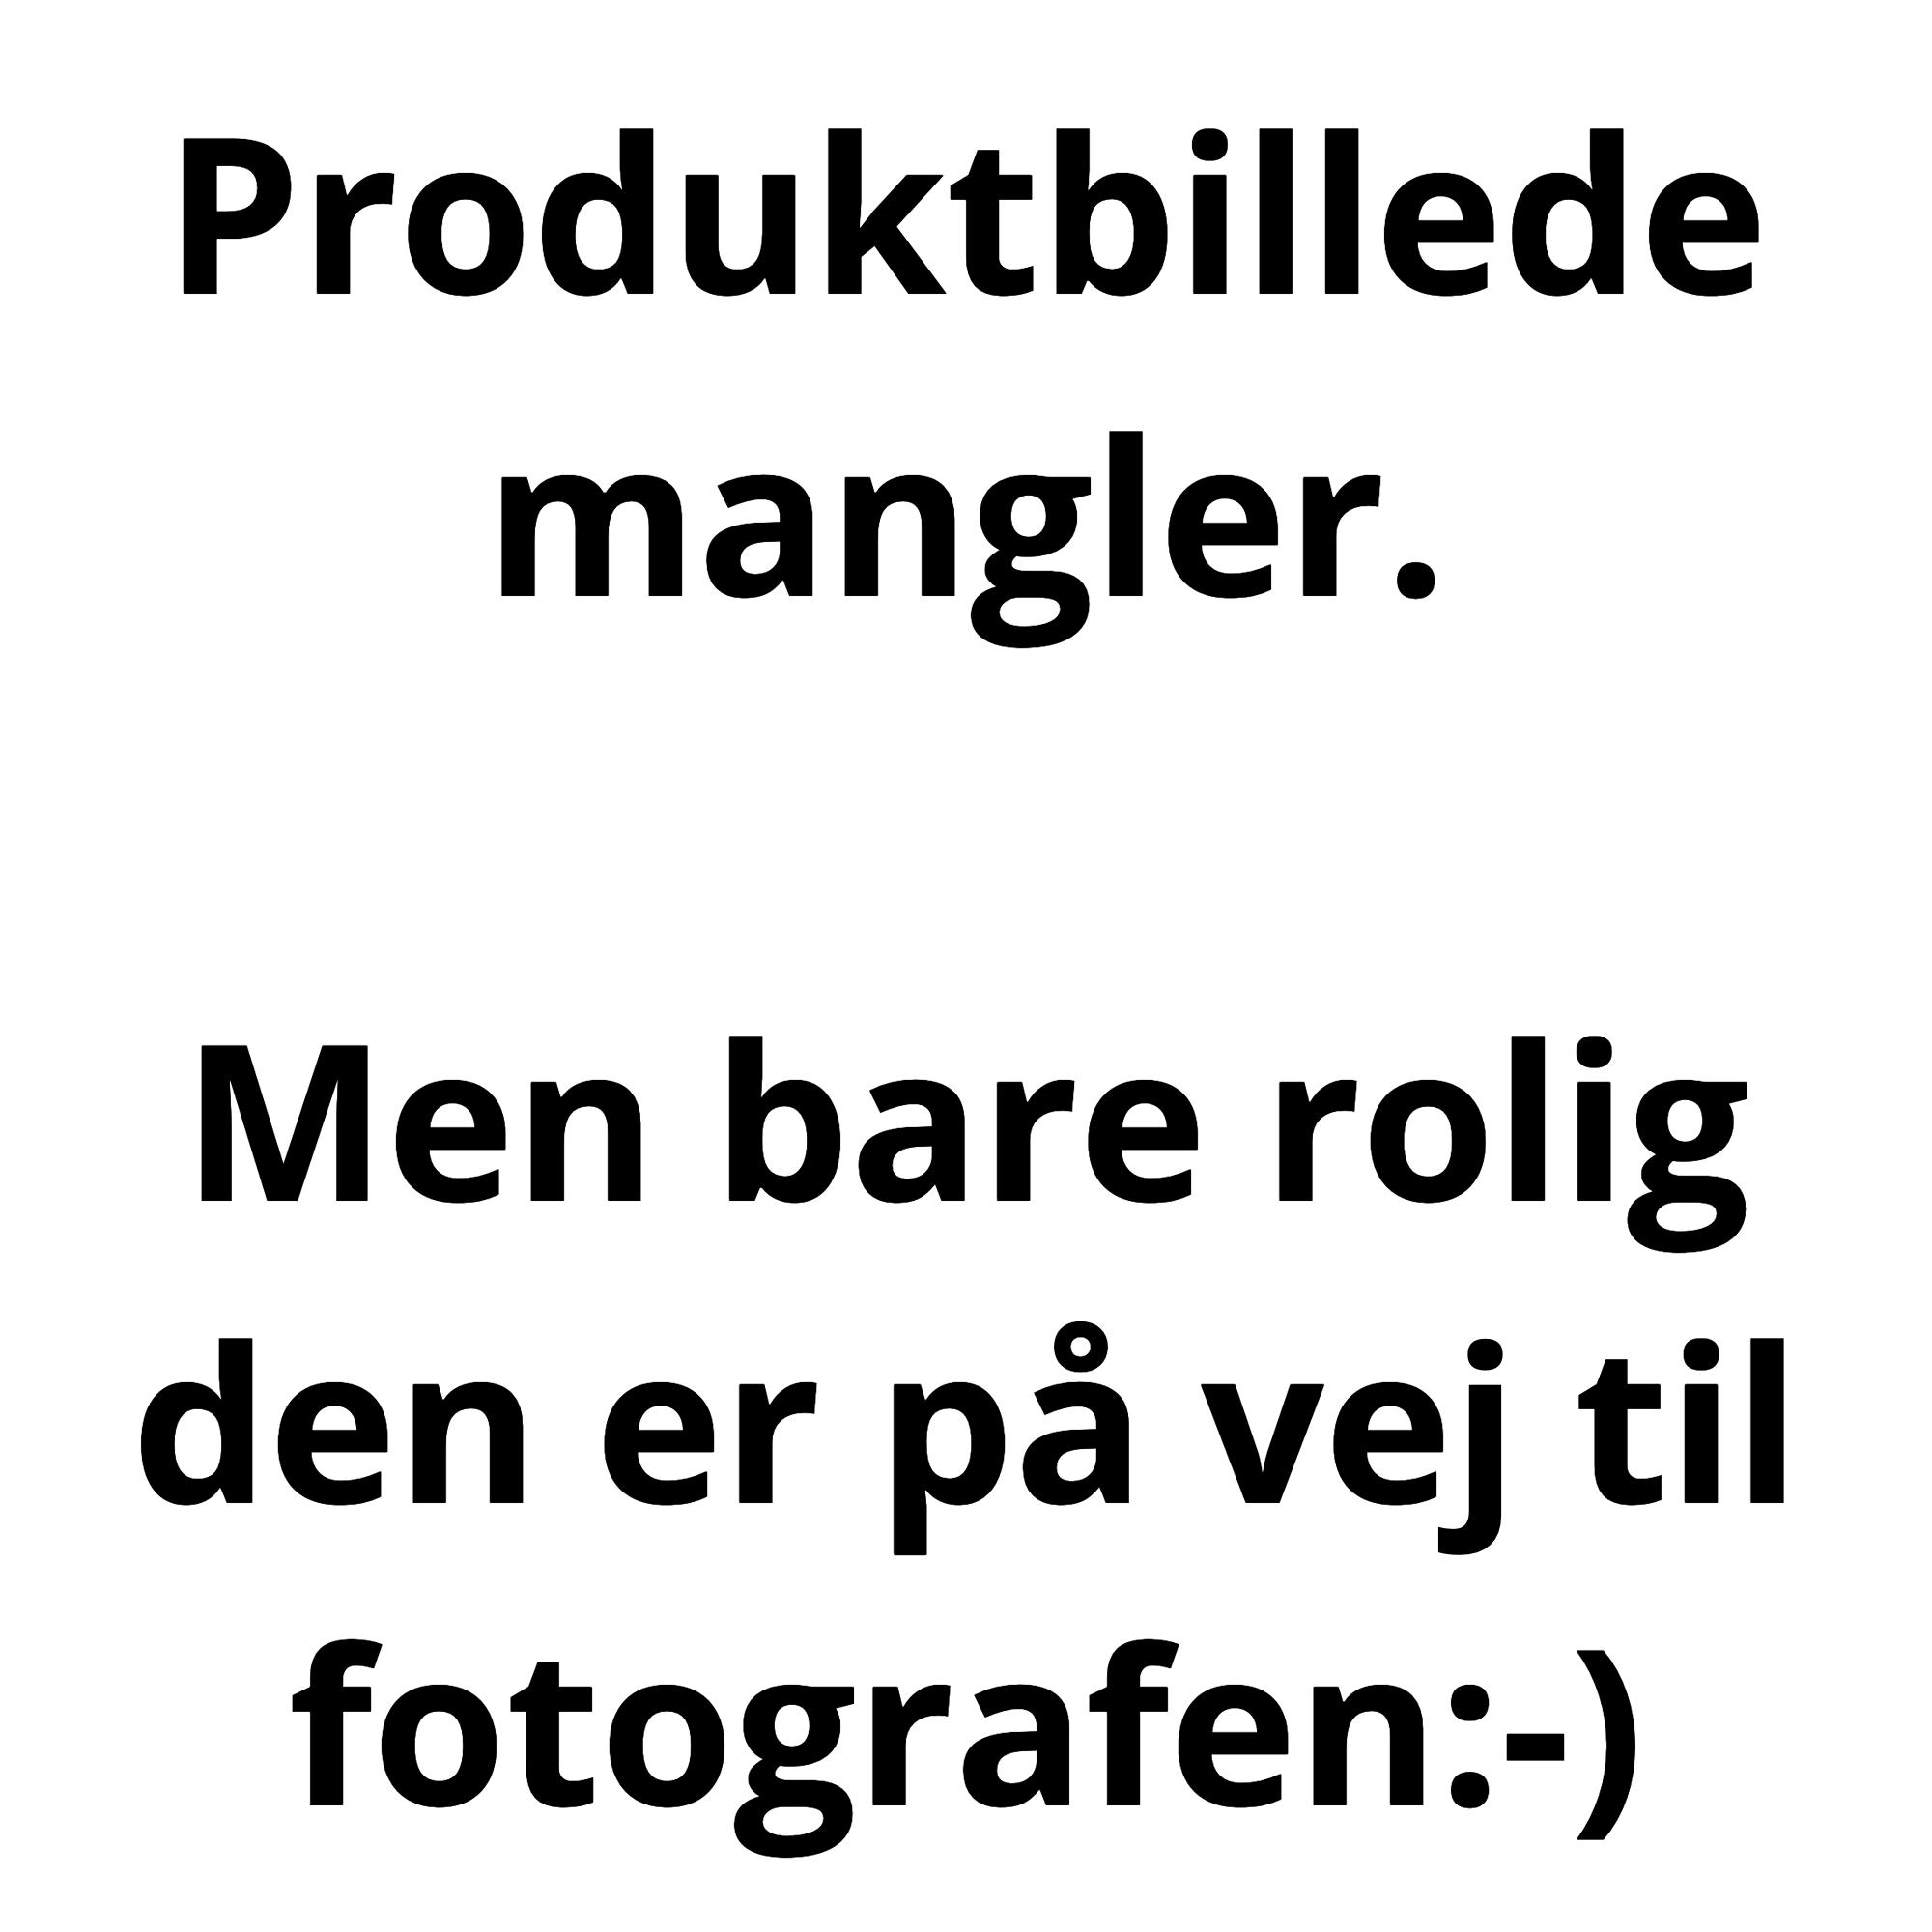 Brodit Aktiv Tablet Holder med cigar adapter til Samsung Galaxy Note PRO 12.2 4G SM-P905 - 521610